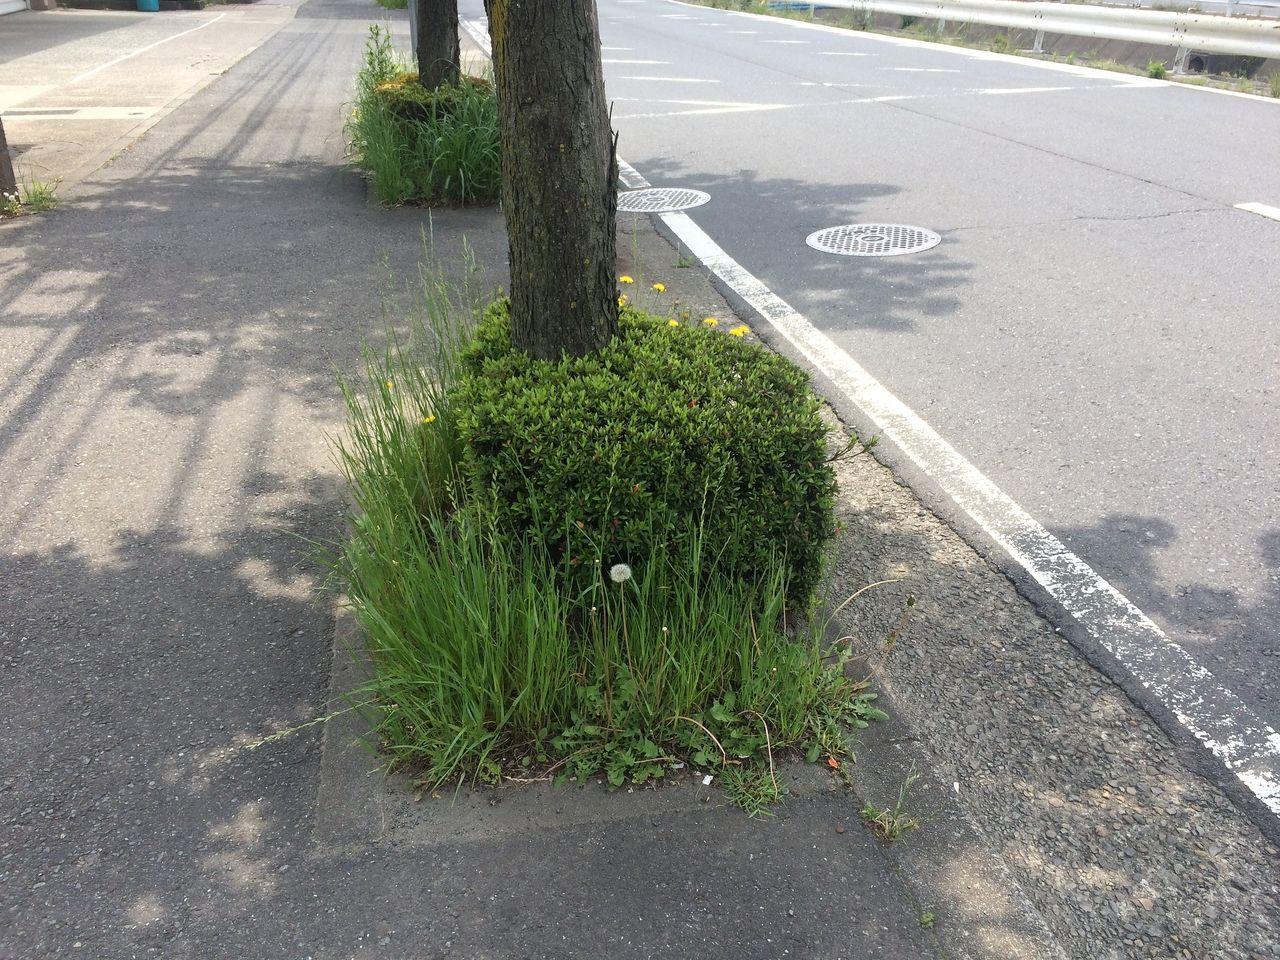 雑草の背が高くなって見通しが悪くなってしまいます。